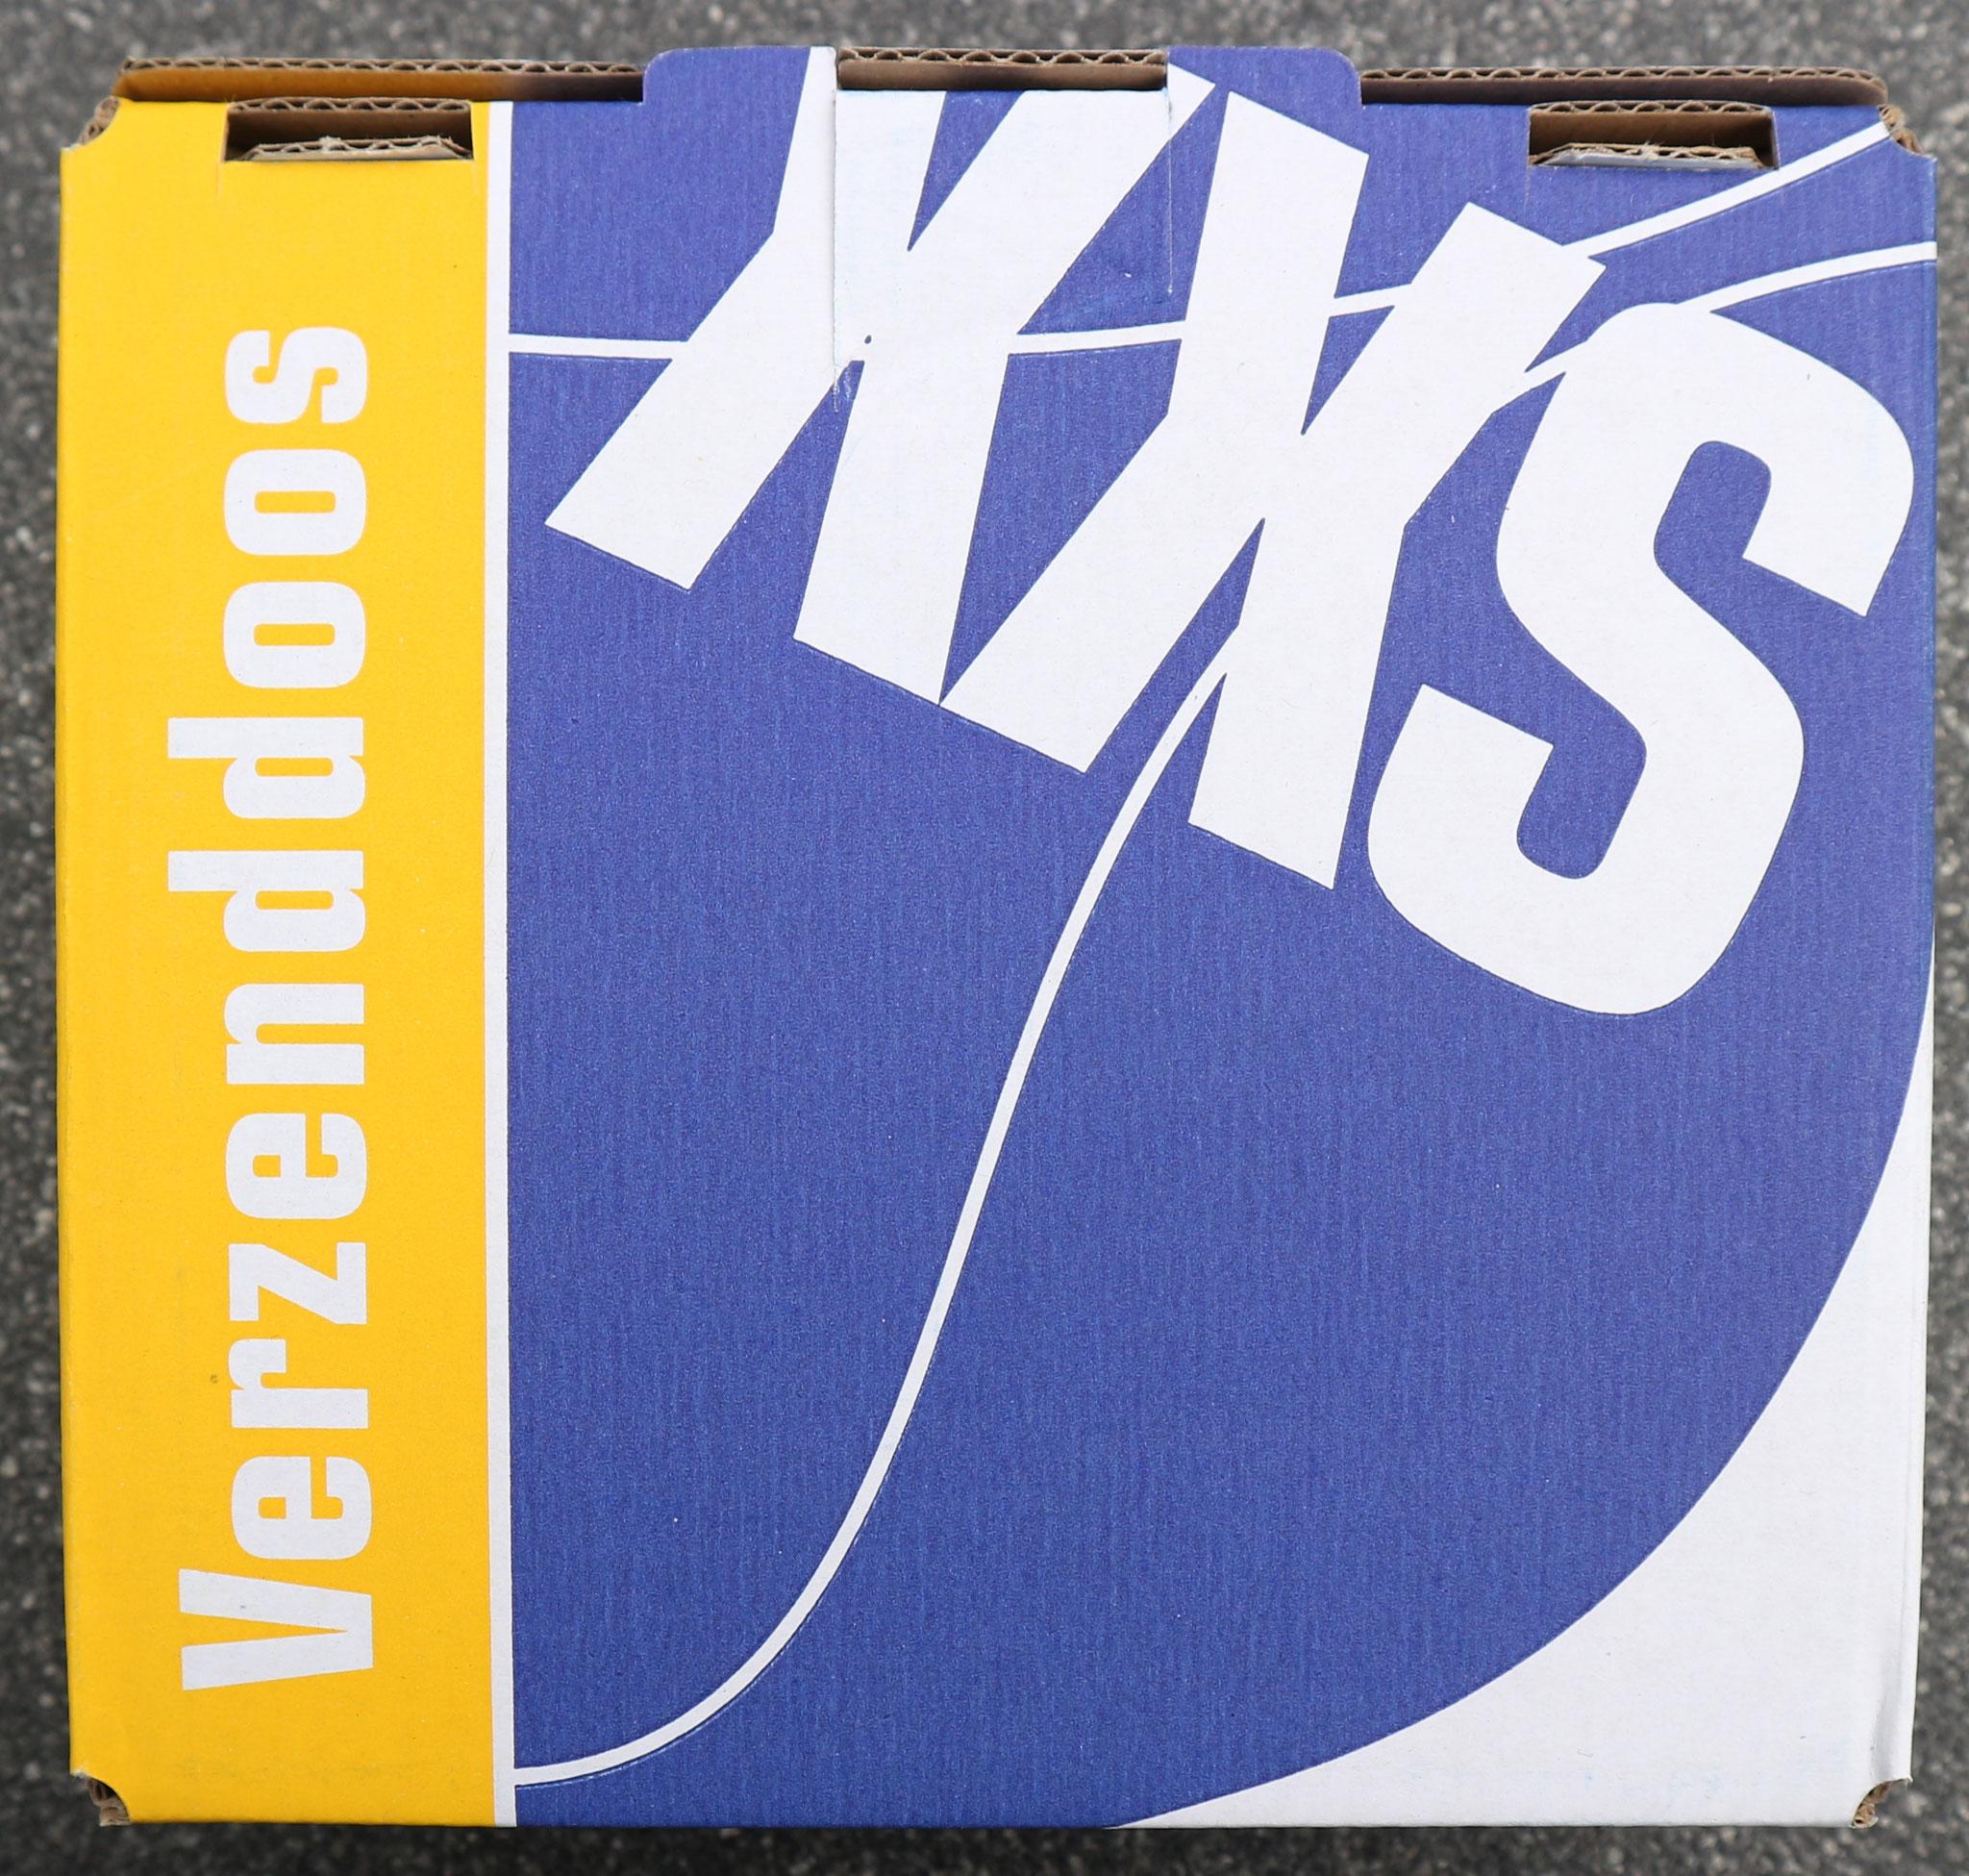 Verzenddoos XXS (146 x 131 x 56 millimeter)